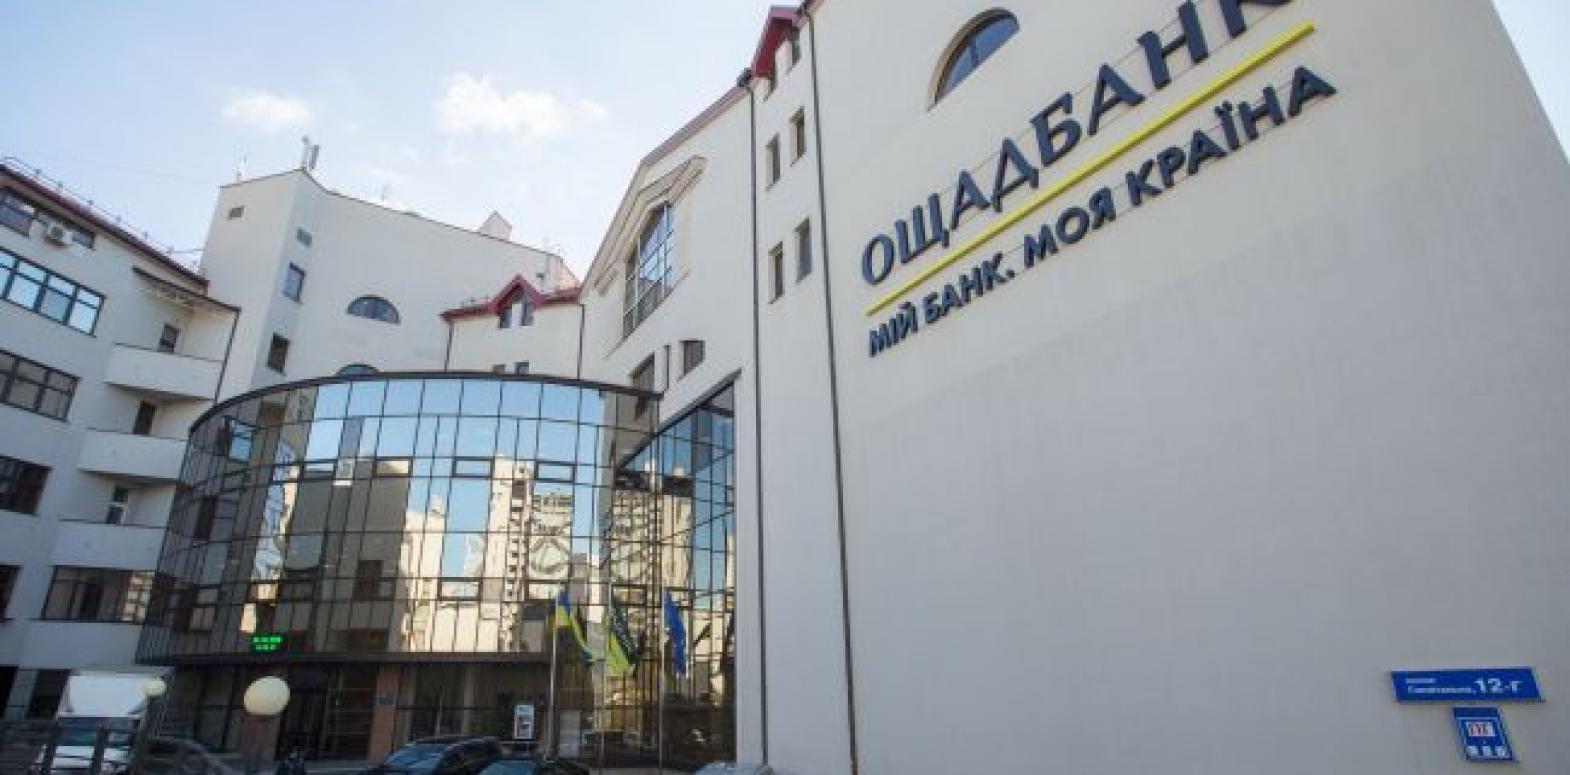 Россия оспорила решение арбитража по компенсации Ощадбанку за активы в Крыму